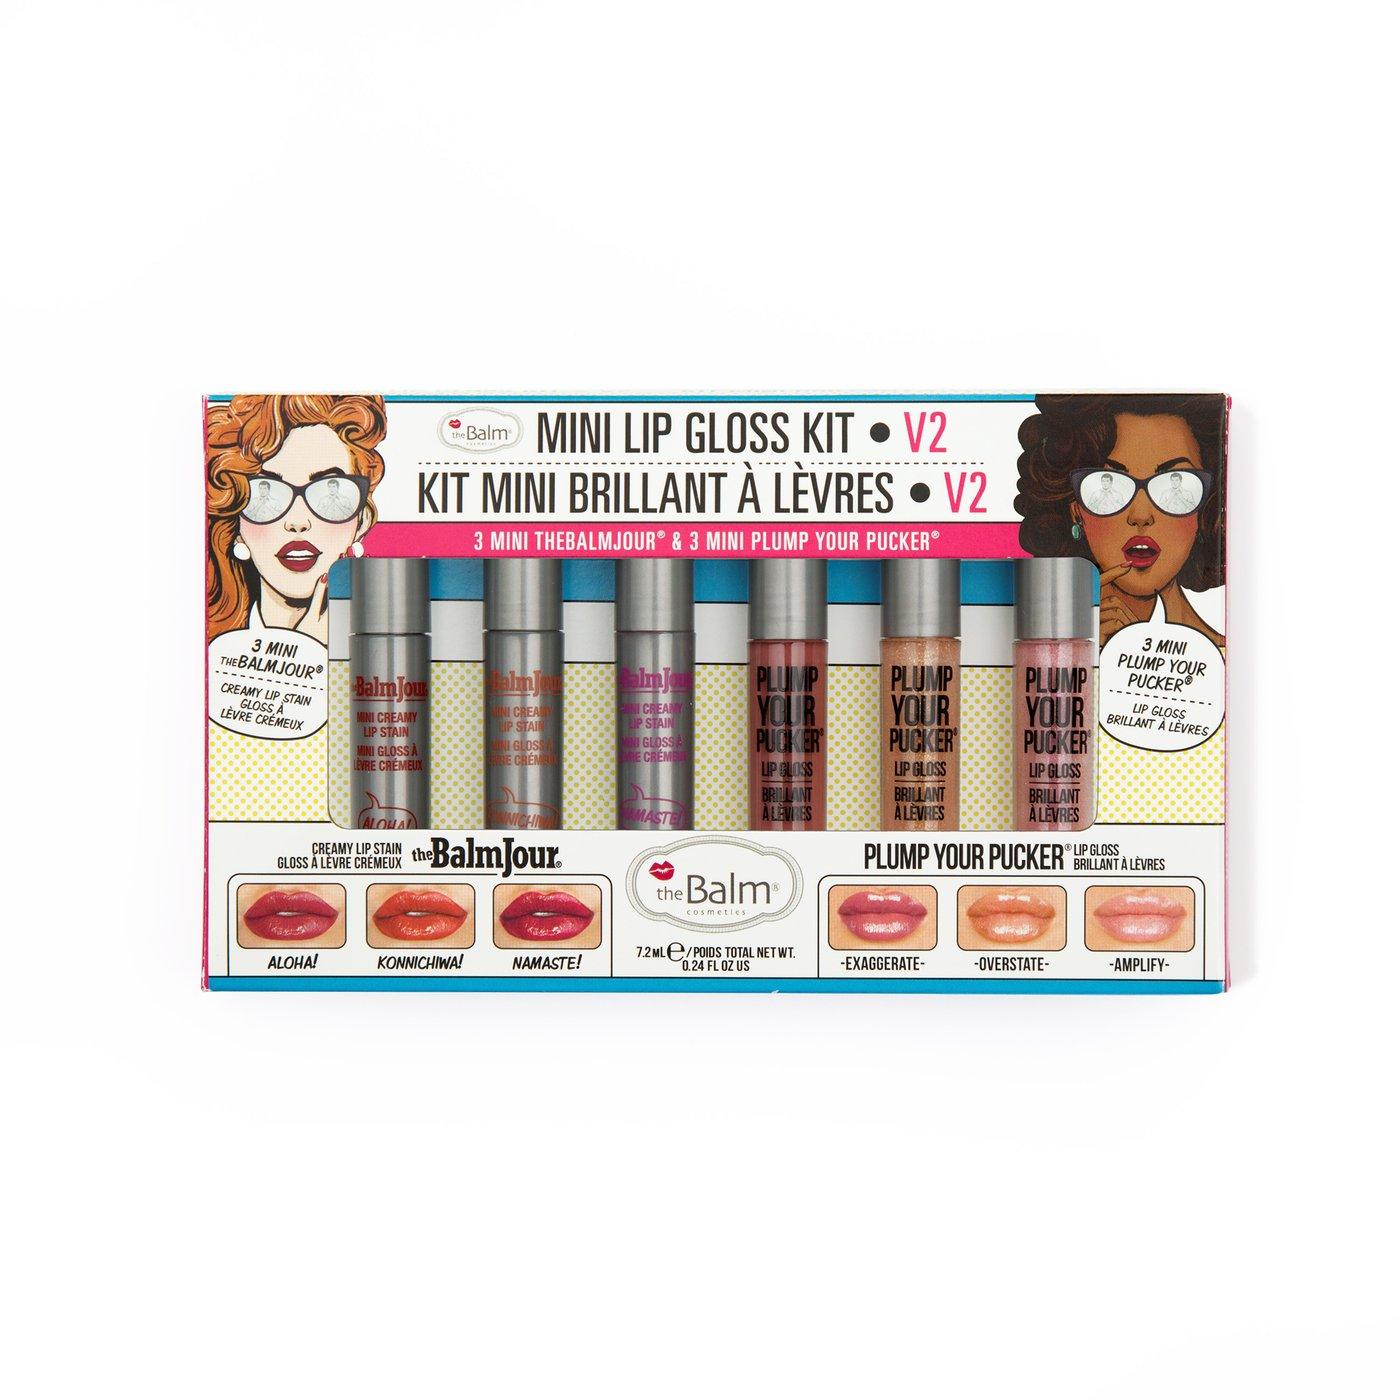 kit Labiales Mini lip Gloss vol 2 7 2 ml